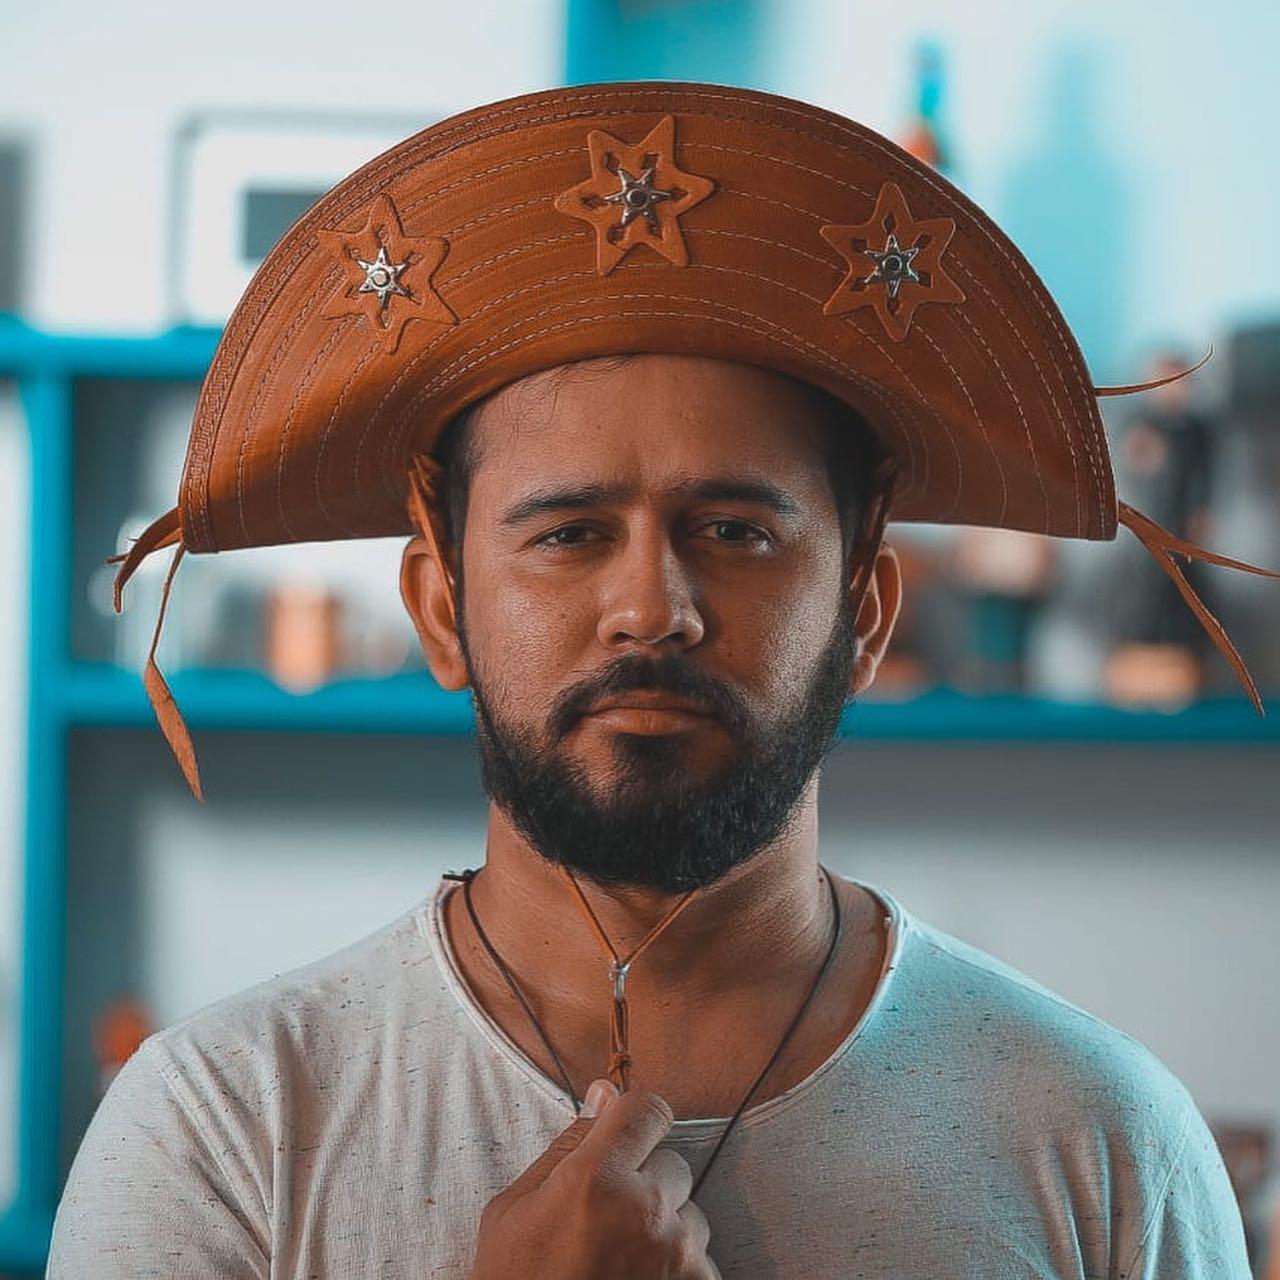 Poeta Bráulio Bessa apresenta melhora, mas segue internado com Covid-19 em Fortaleza